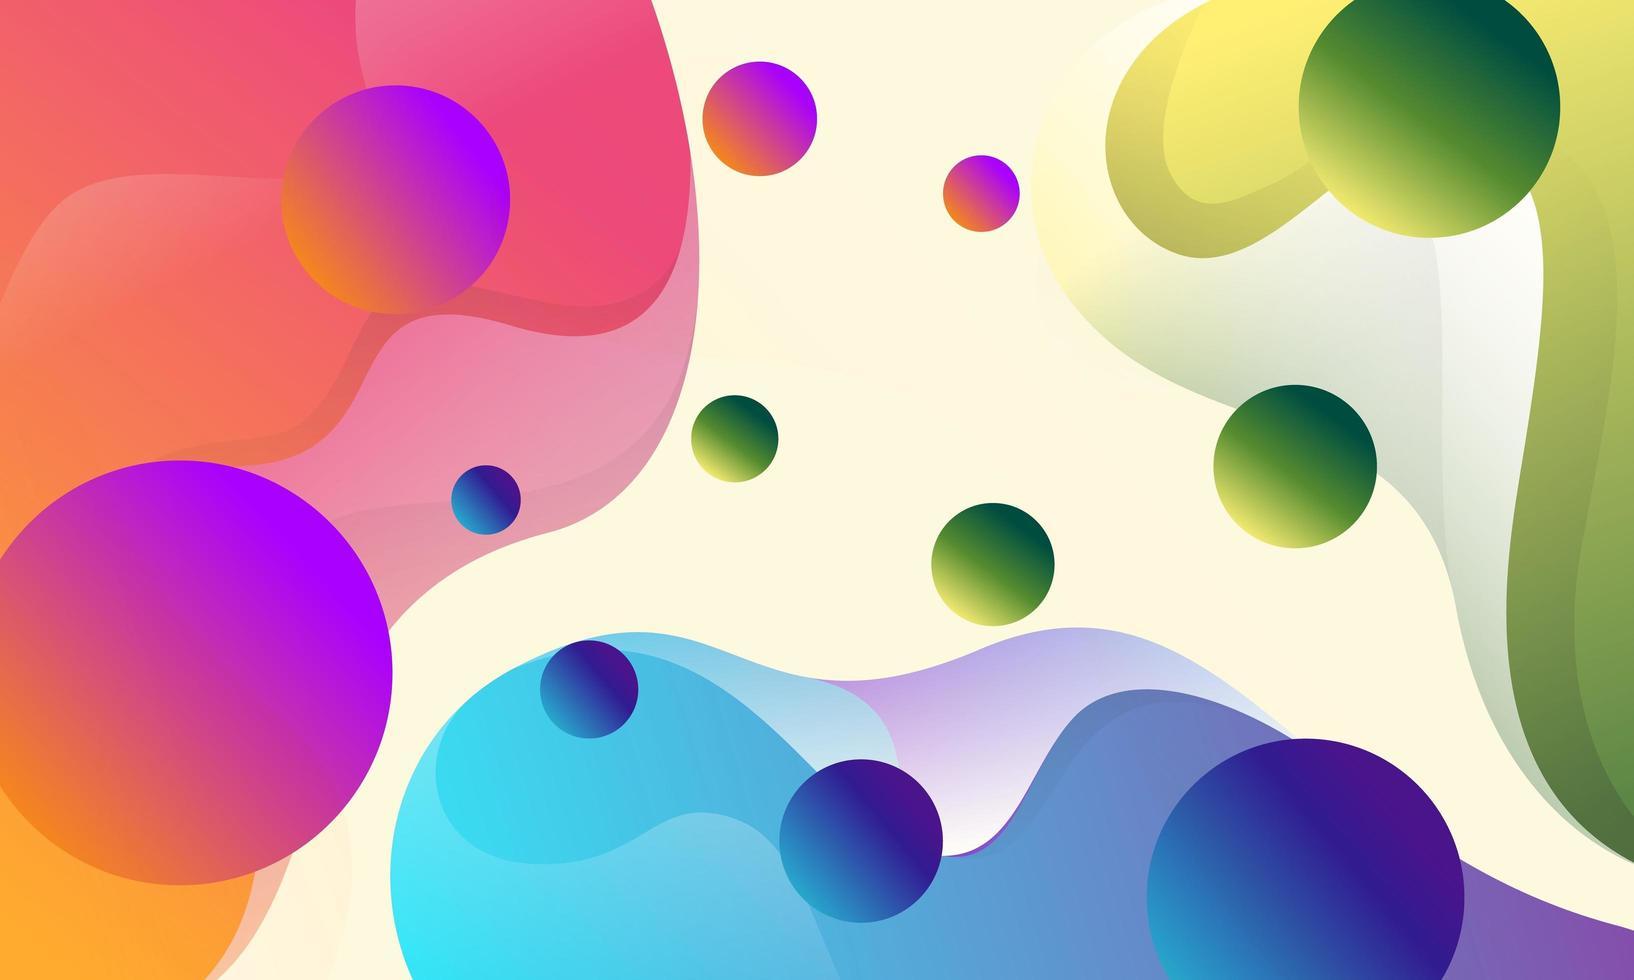 abstrakter bunter Fluss formt Hintergrund vektor